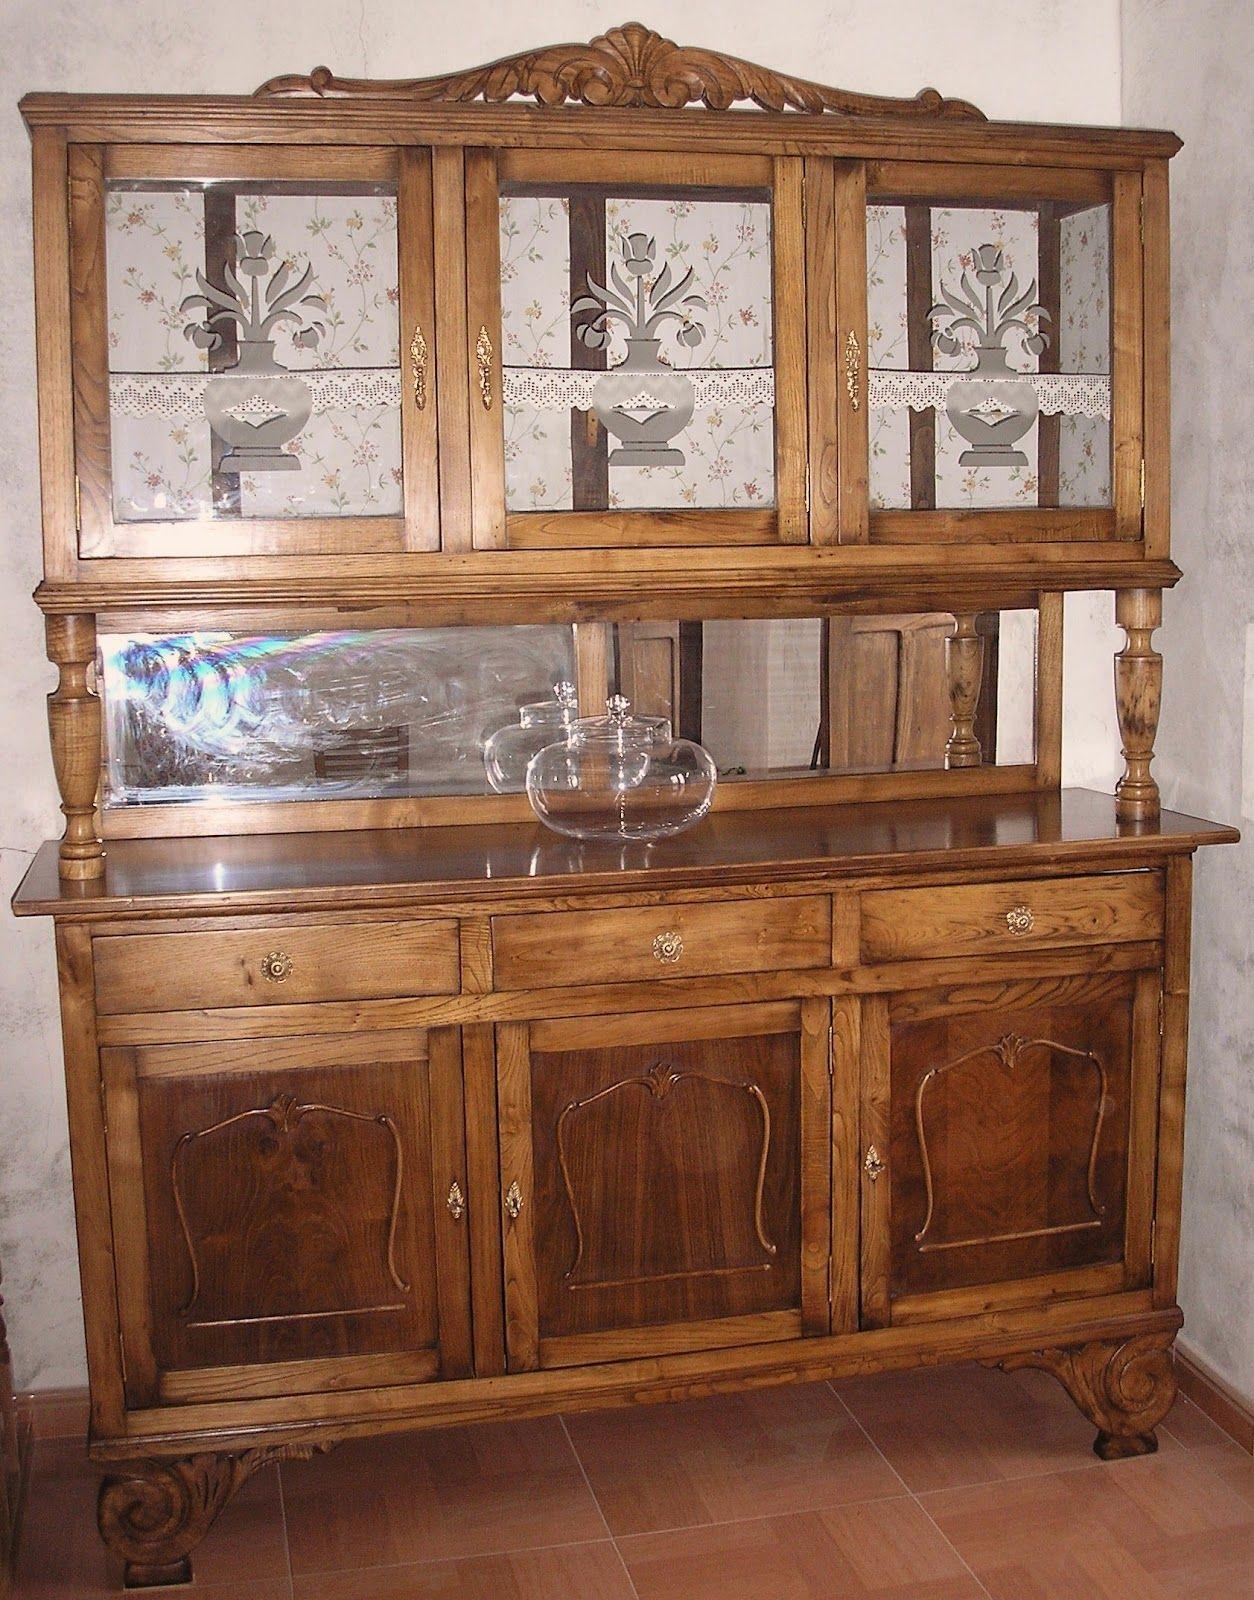 Zapateros Leroy Merlin Google Search Muebles Y Decoracion  ~ Vitrinas De Cristal Leroy Merlin